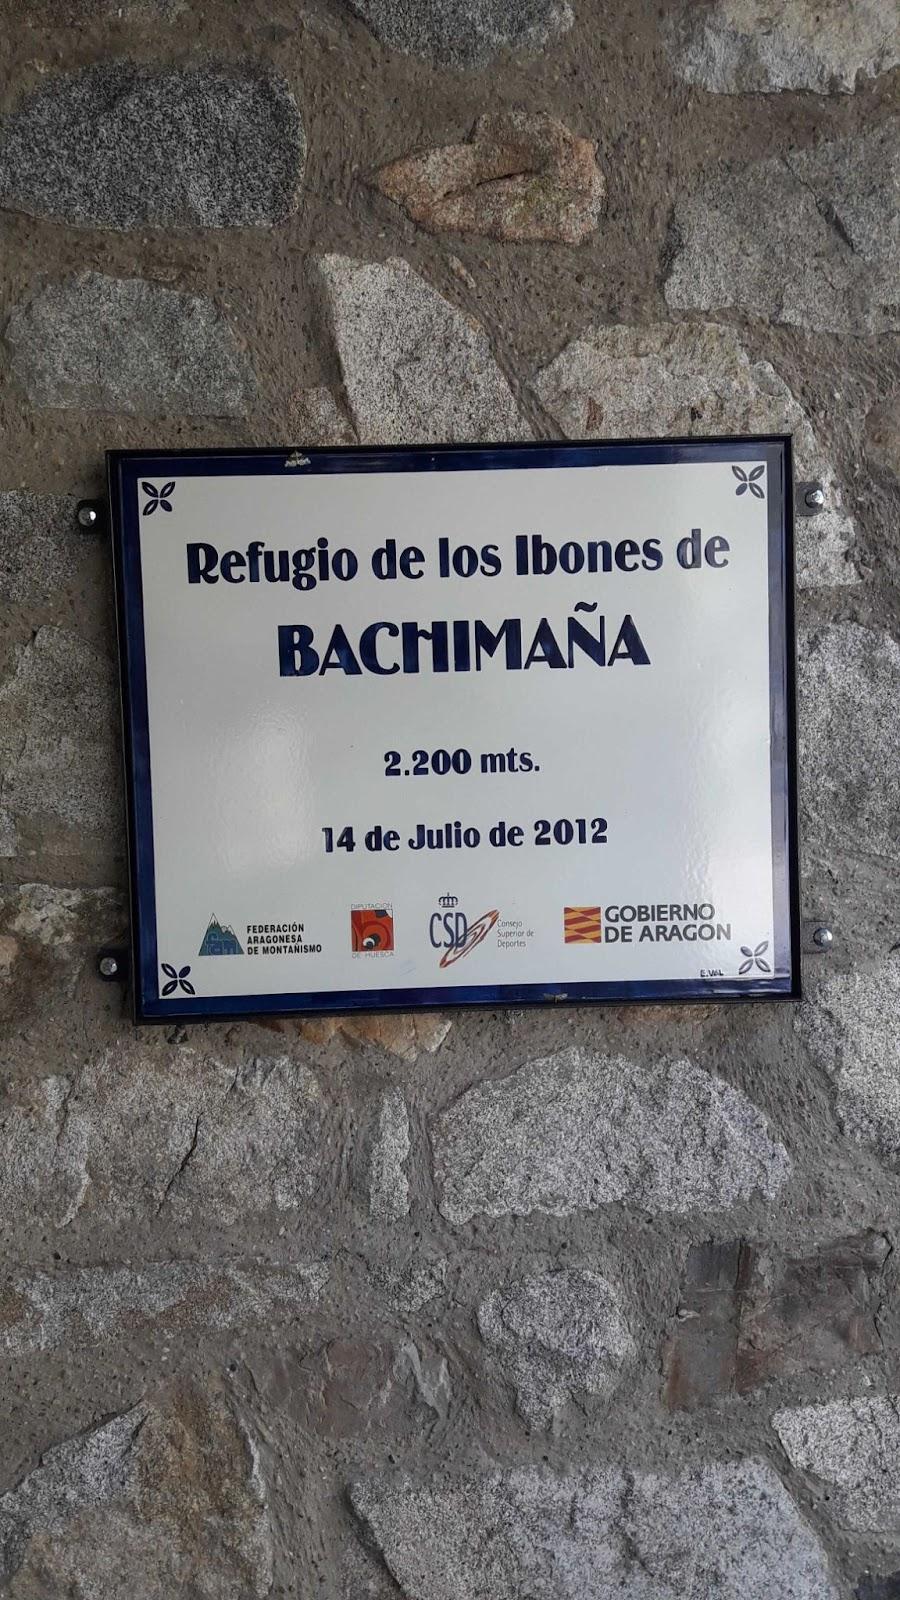 Cartel en el refugio de Bachimaña